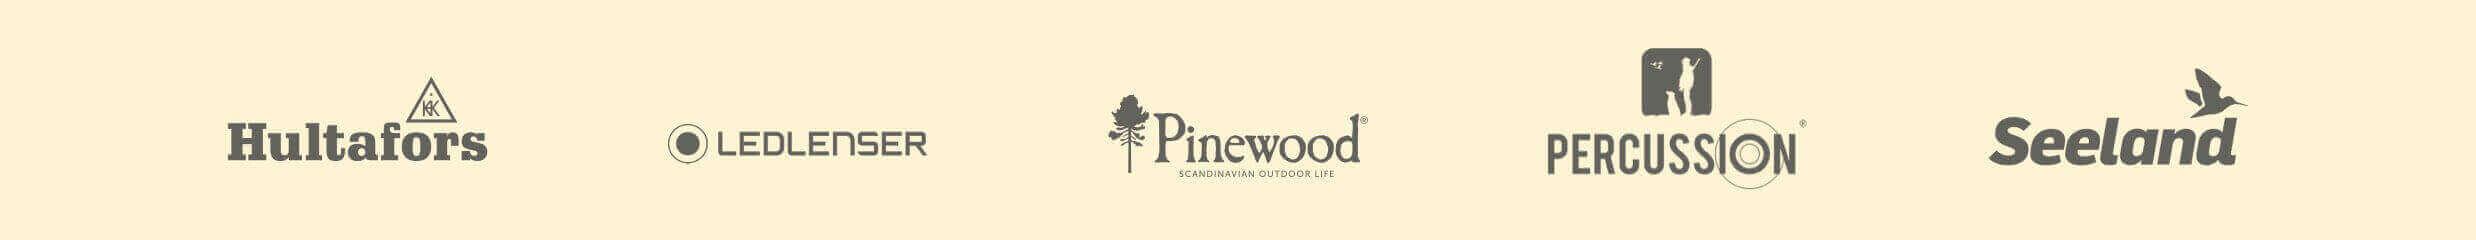 Markenslider mit Hultafors, LedLenser, Pinewood, Percussion und Seeland auf der Titelseite